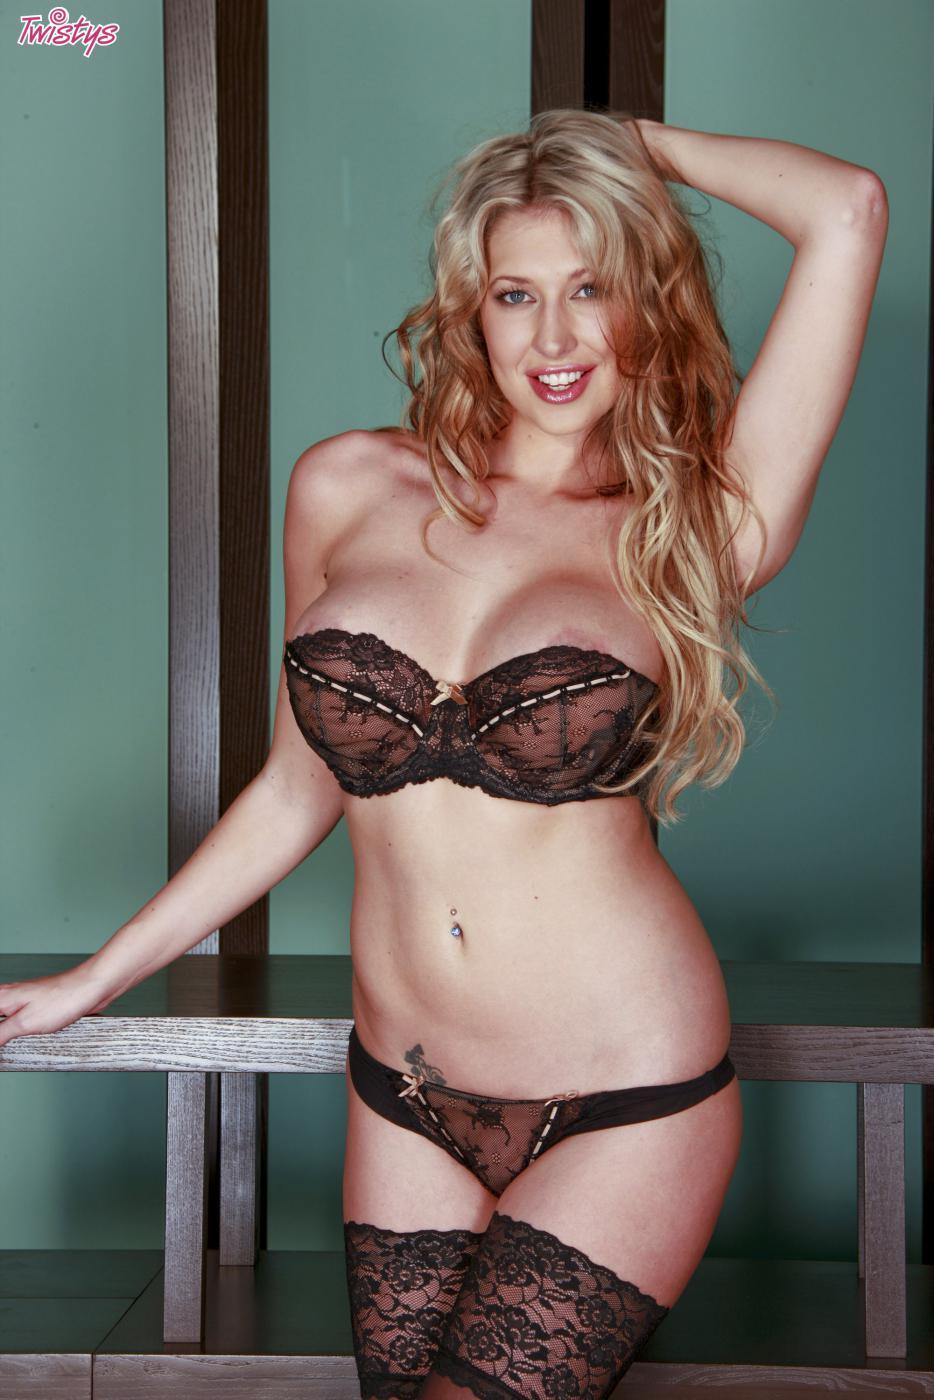 Несмотря на то, что эта грудастая блондинка Lexi Lowe одета в трусики, ничего не мешает ей демонстрировать свою грудь и киску